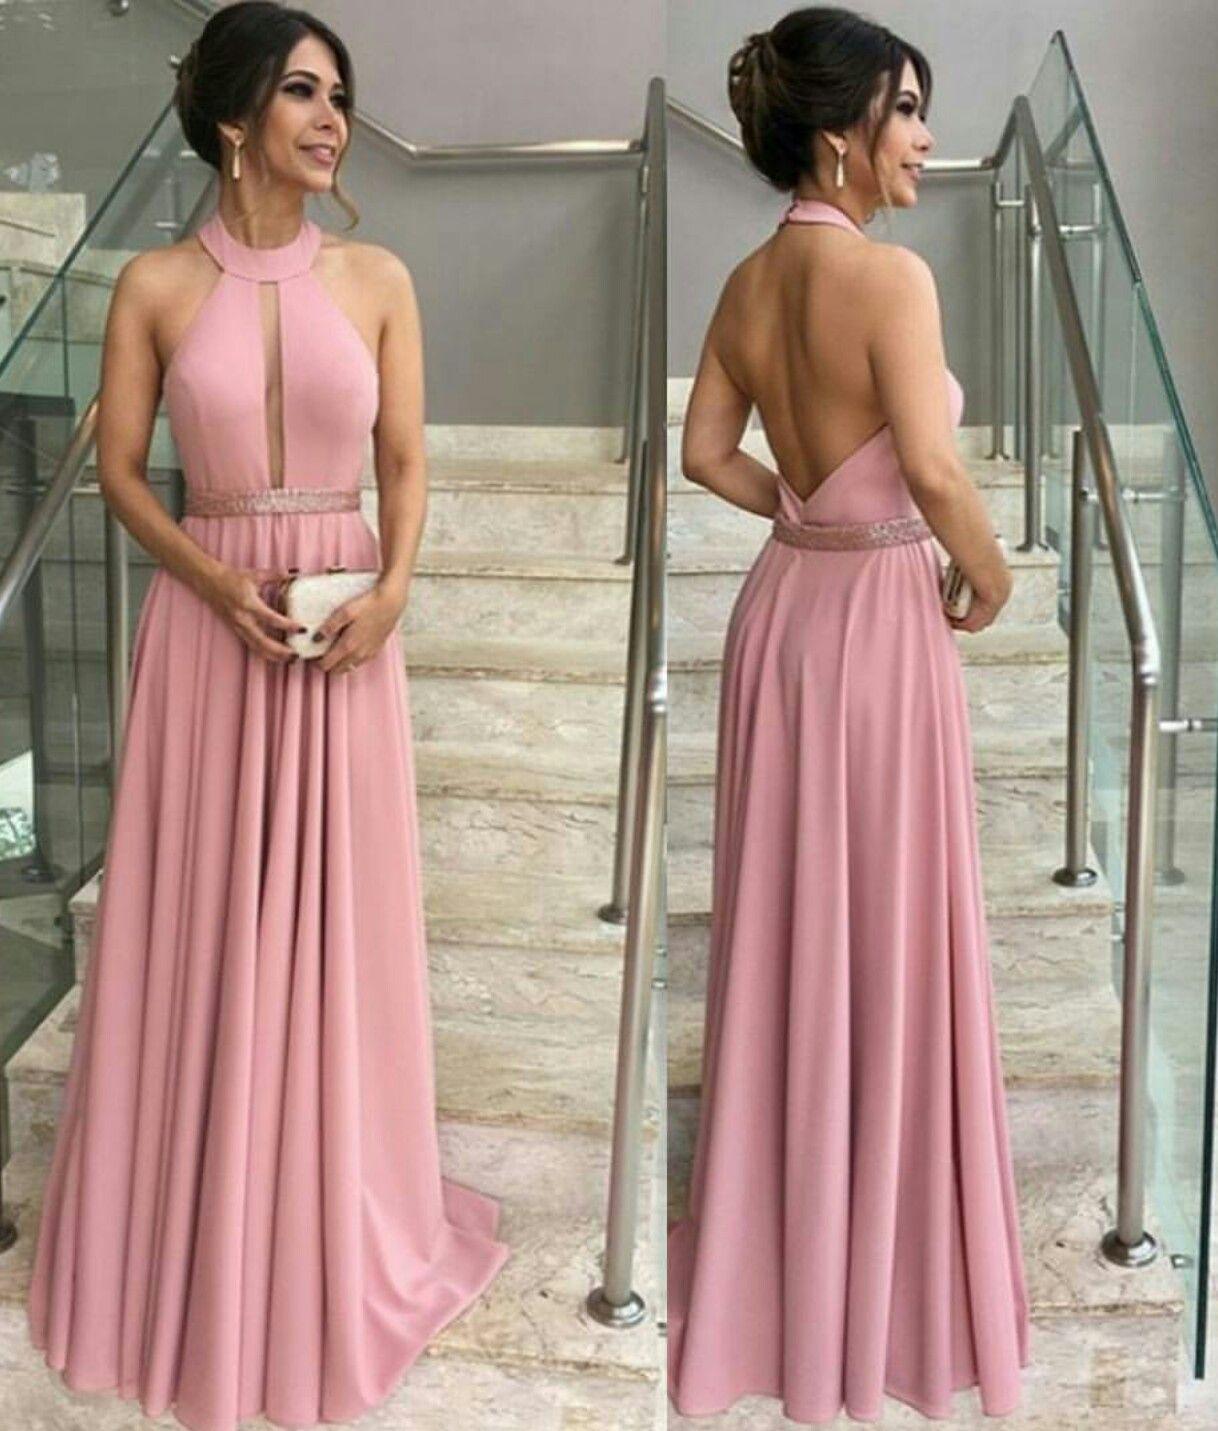 Pin de eugeyglyz batta en vestidos elegantes | Pinterest | Vestido ...